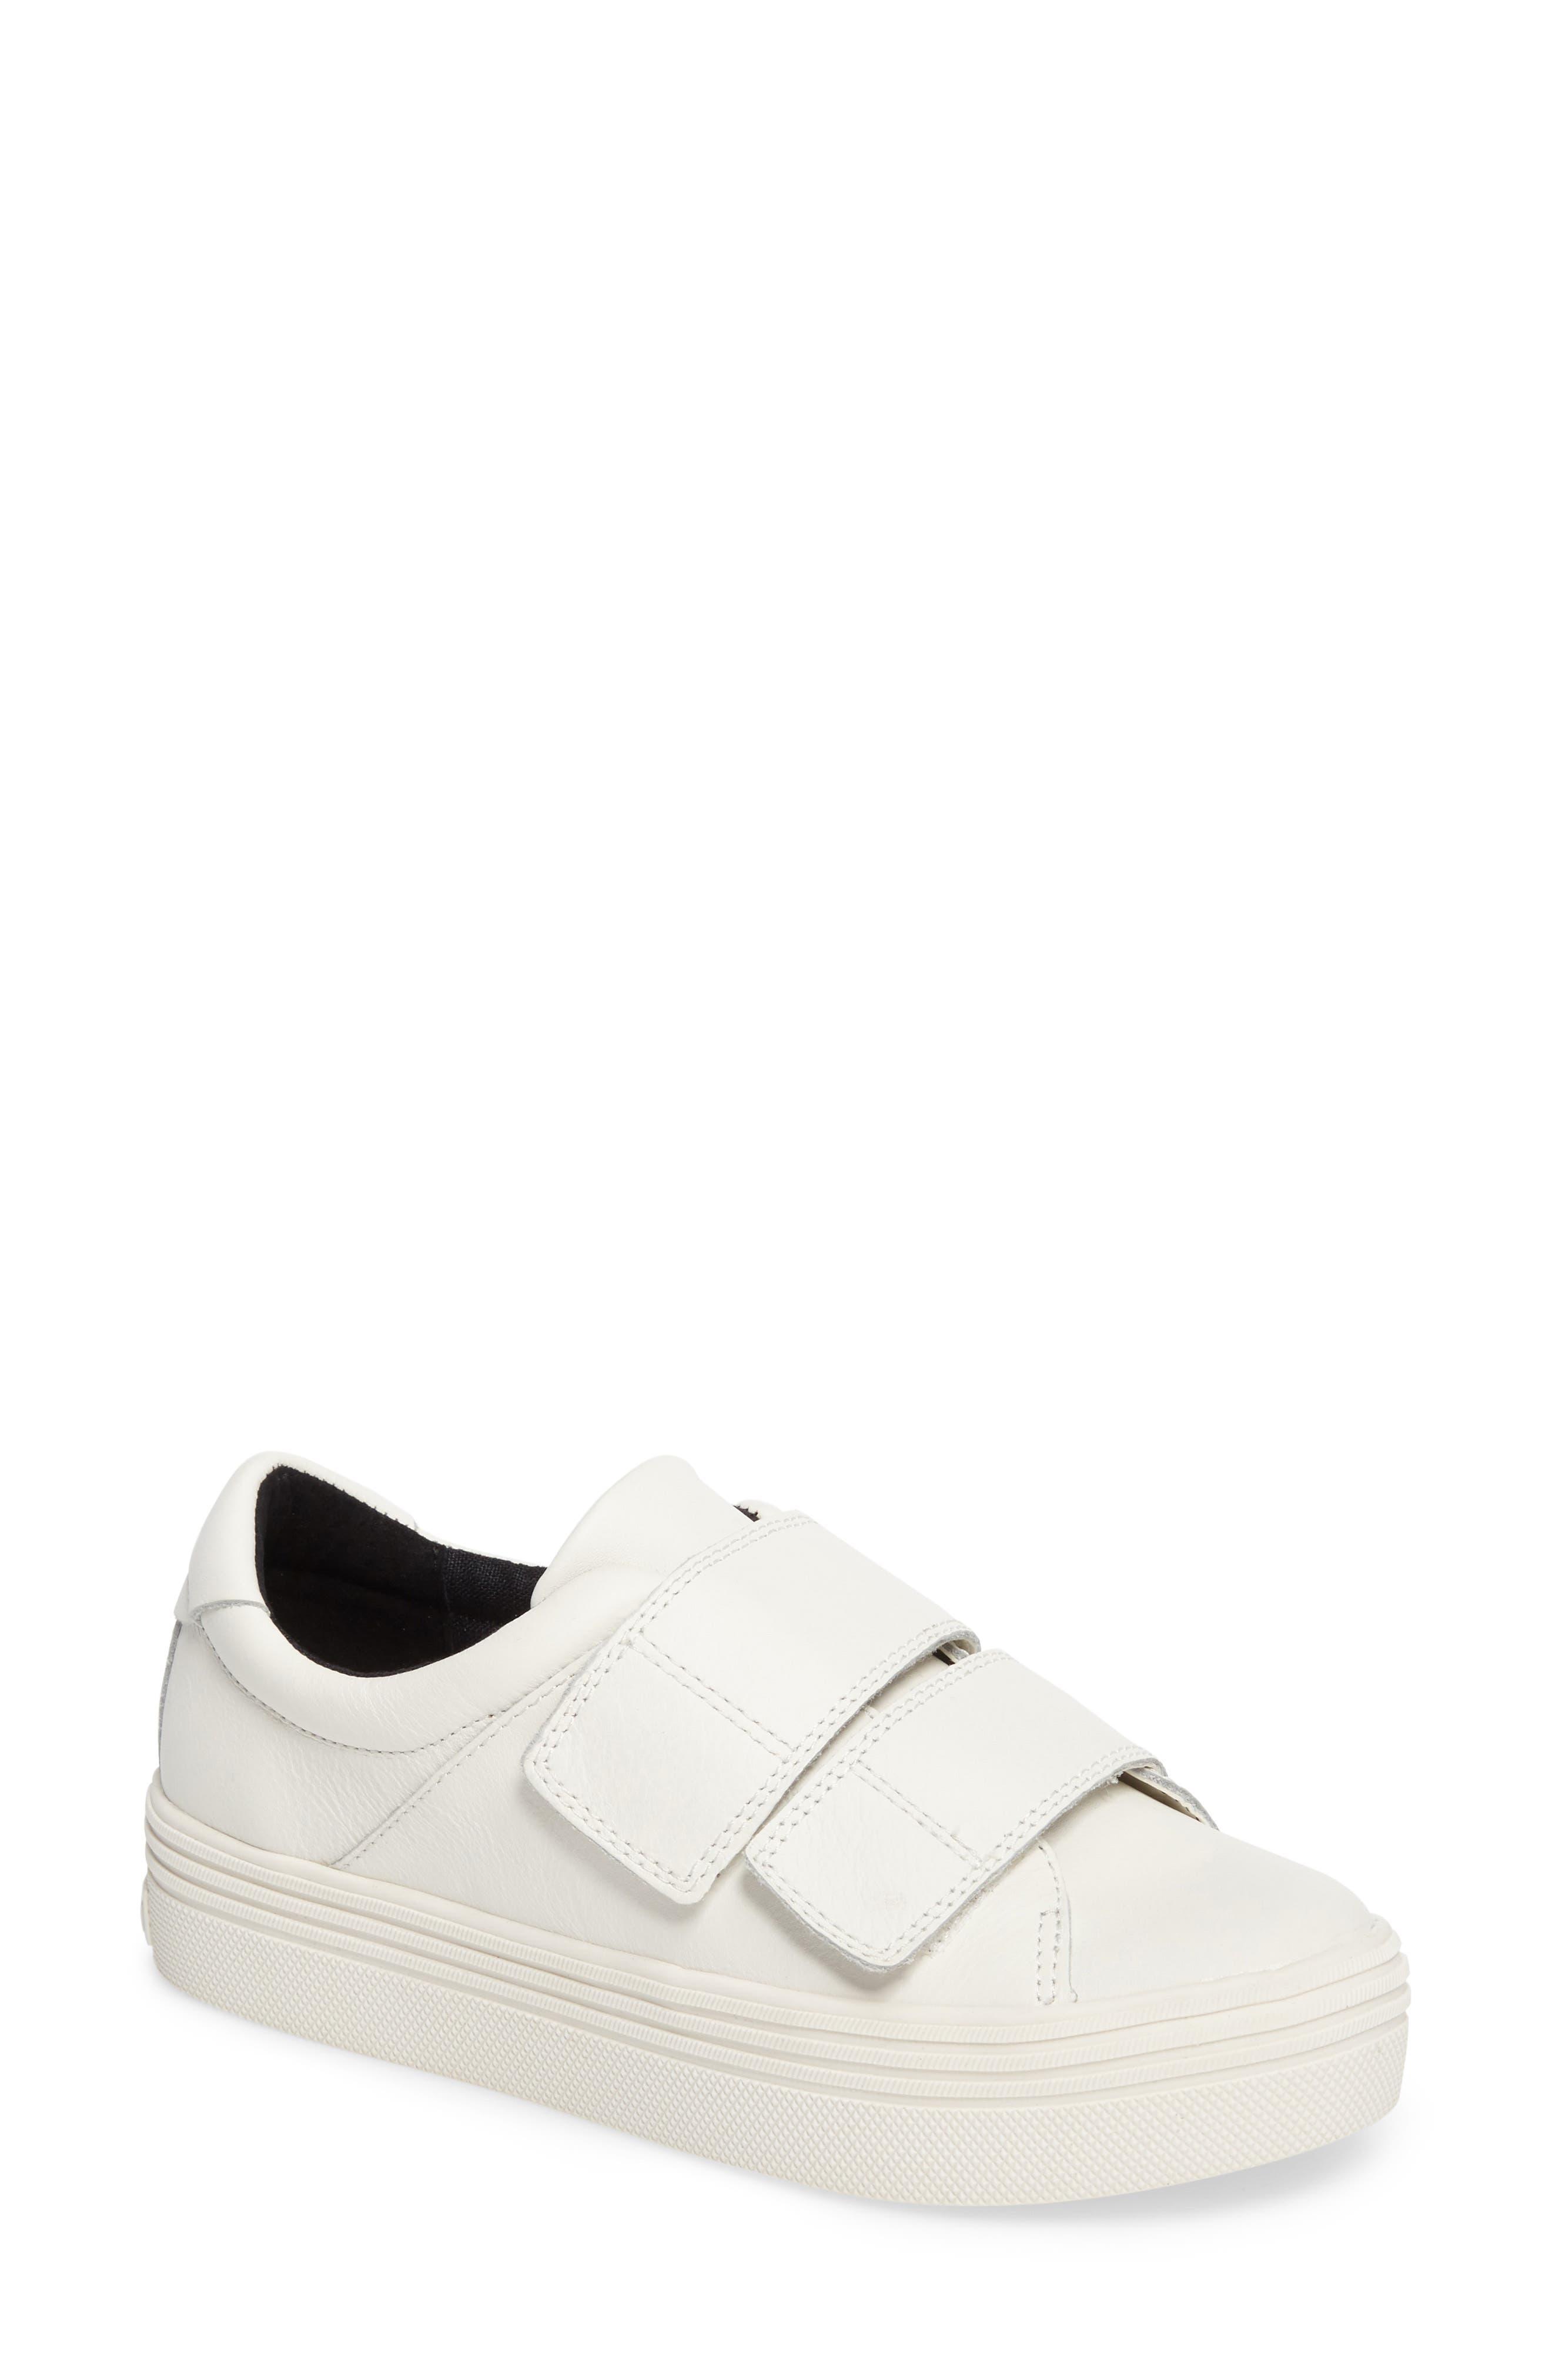 Dolce Vita Tina Platform Sneaker (Women)